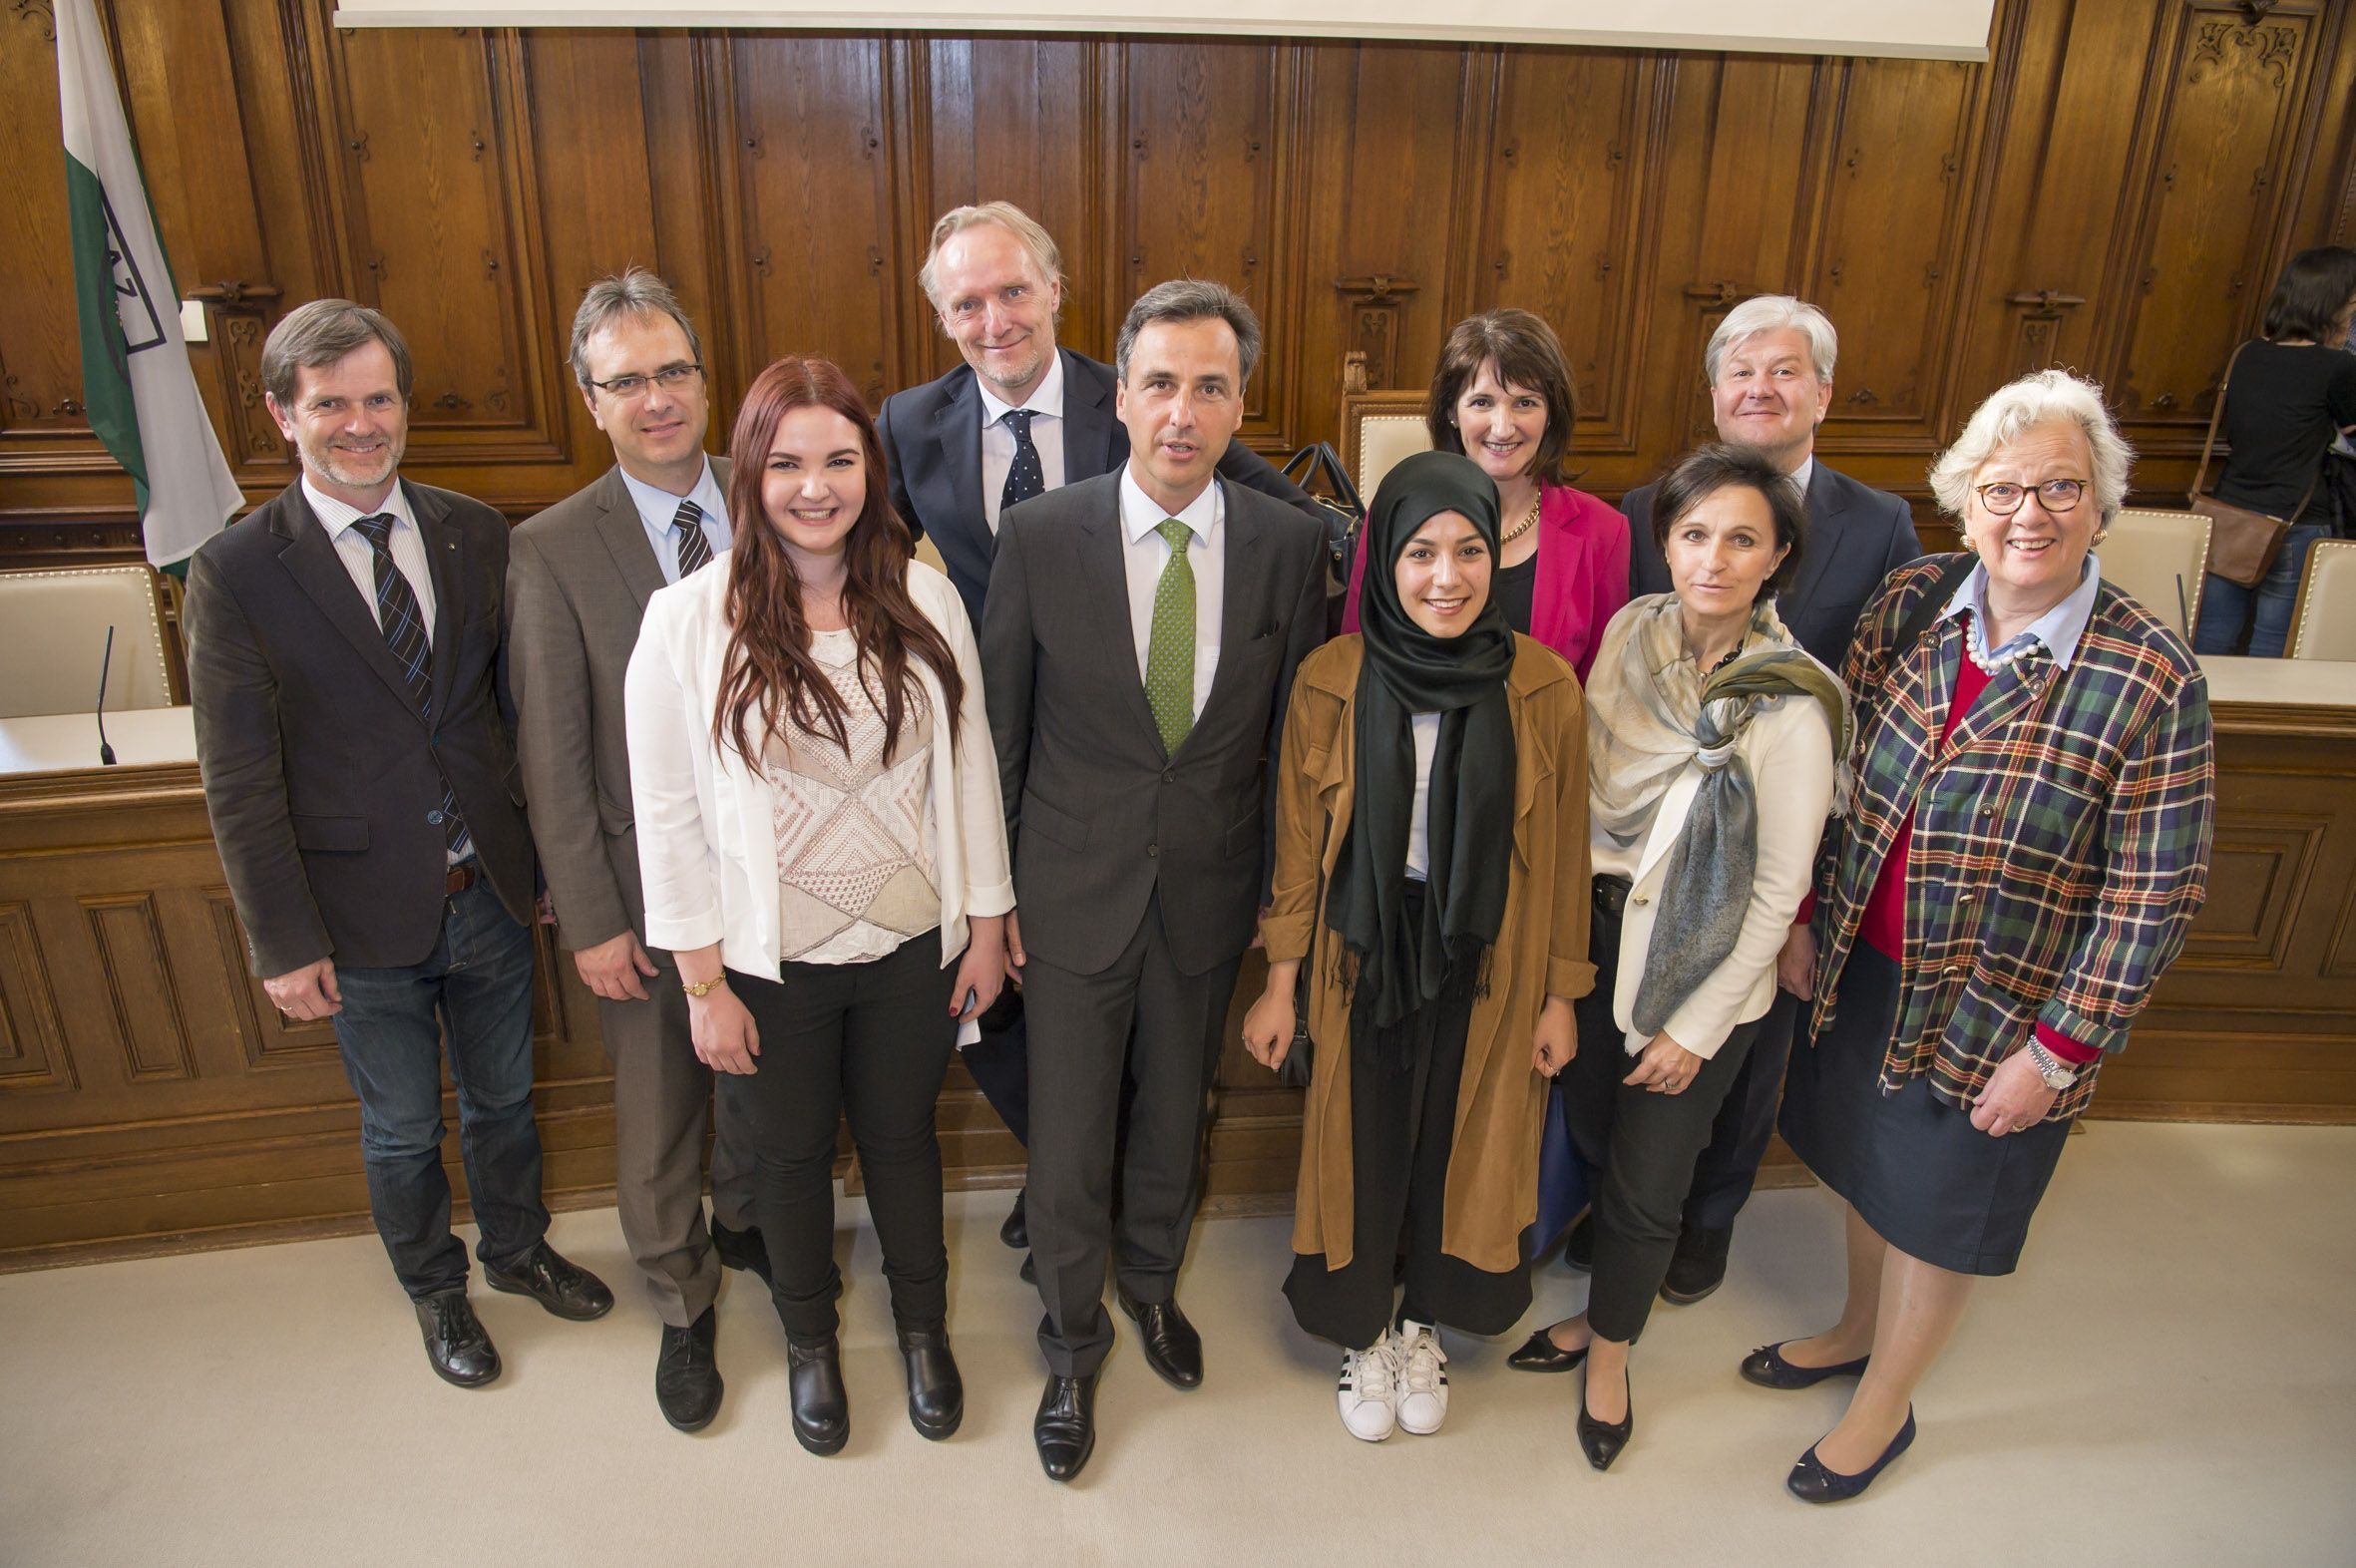 Bürgermeister Siegfried Nagl und VertreterInnen der Grazer Hochschulen nahmen sich Zeit, die internationalen Studierenden willkommen zu heißen.